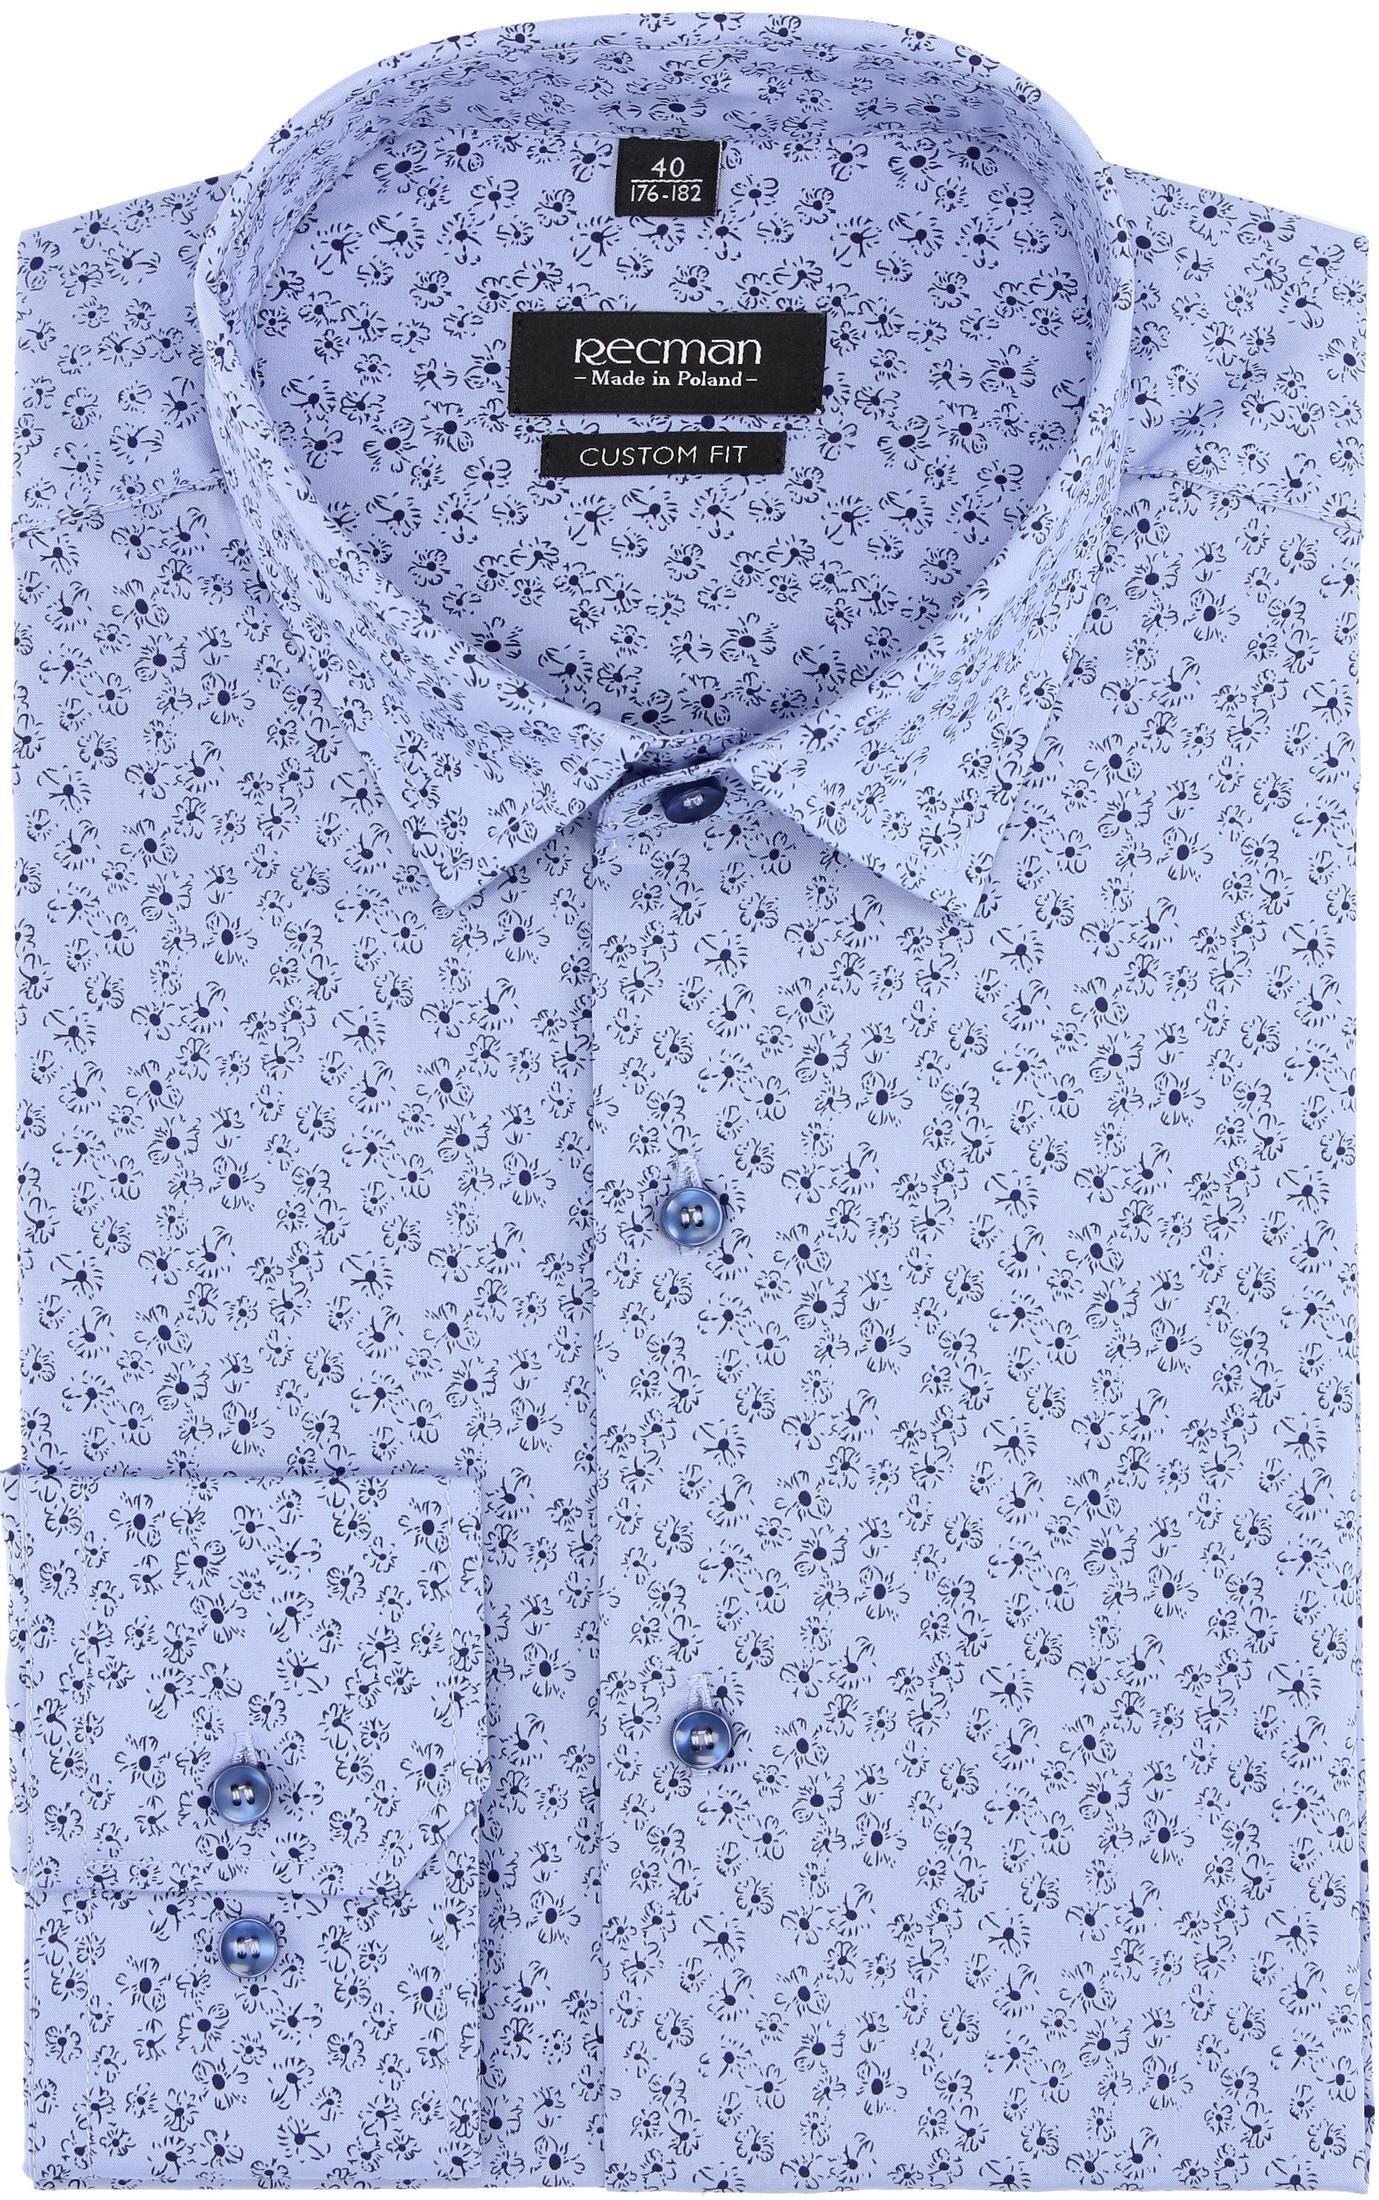 c2e0bd562 koszula versone 2837 długi rękaw custom fit niebieski - oficjalny sklep  online Recman